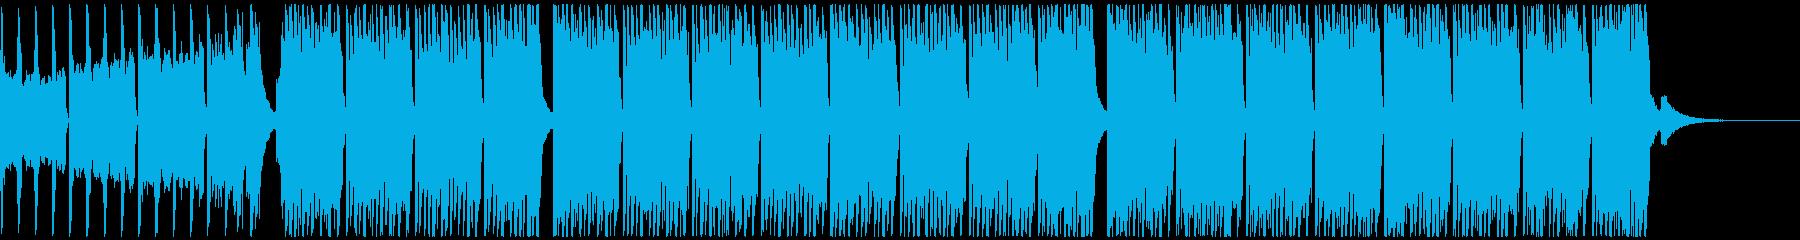 スポーツ(60秒)の再生済みの波形